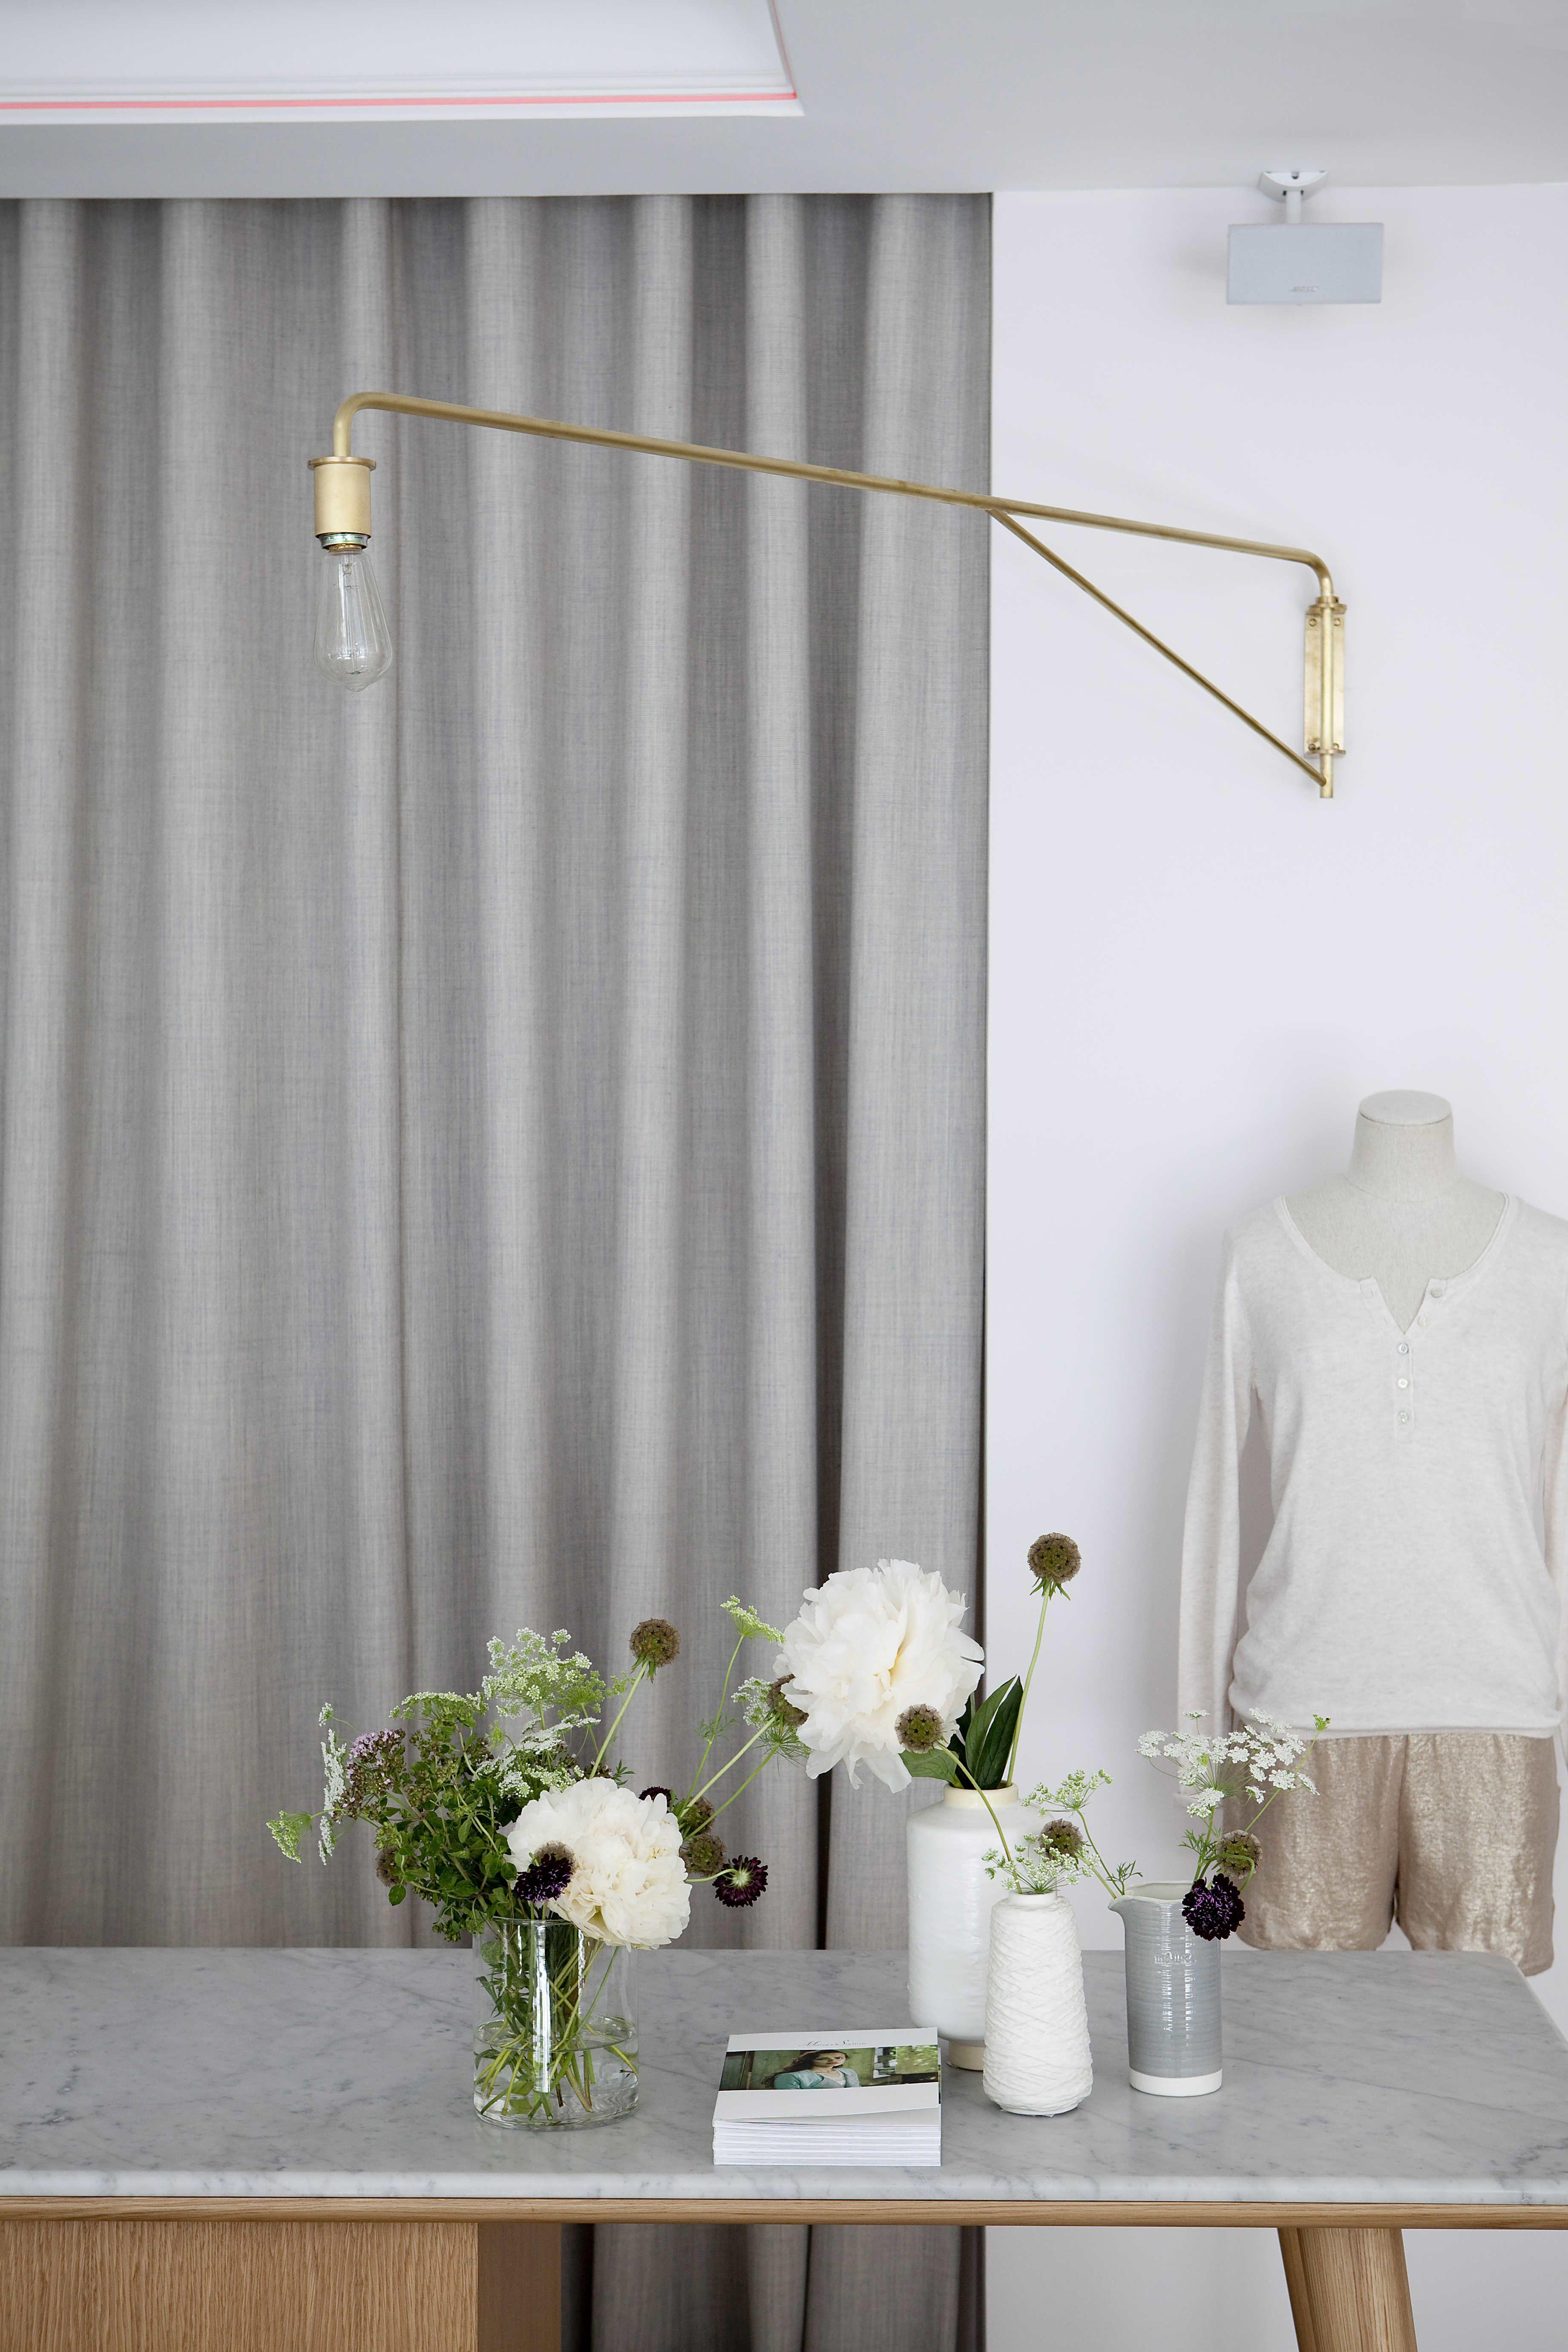 boutique marie sixtine 5 rue de charonne 75011 paris. Black Bedroom Furniture Sets. Home Design Ideas